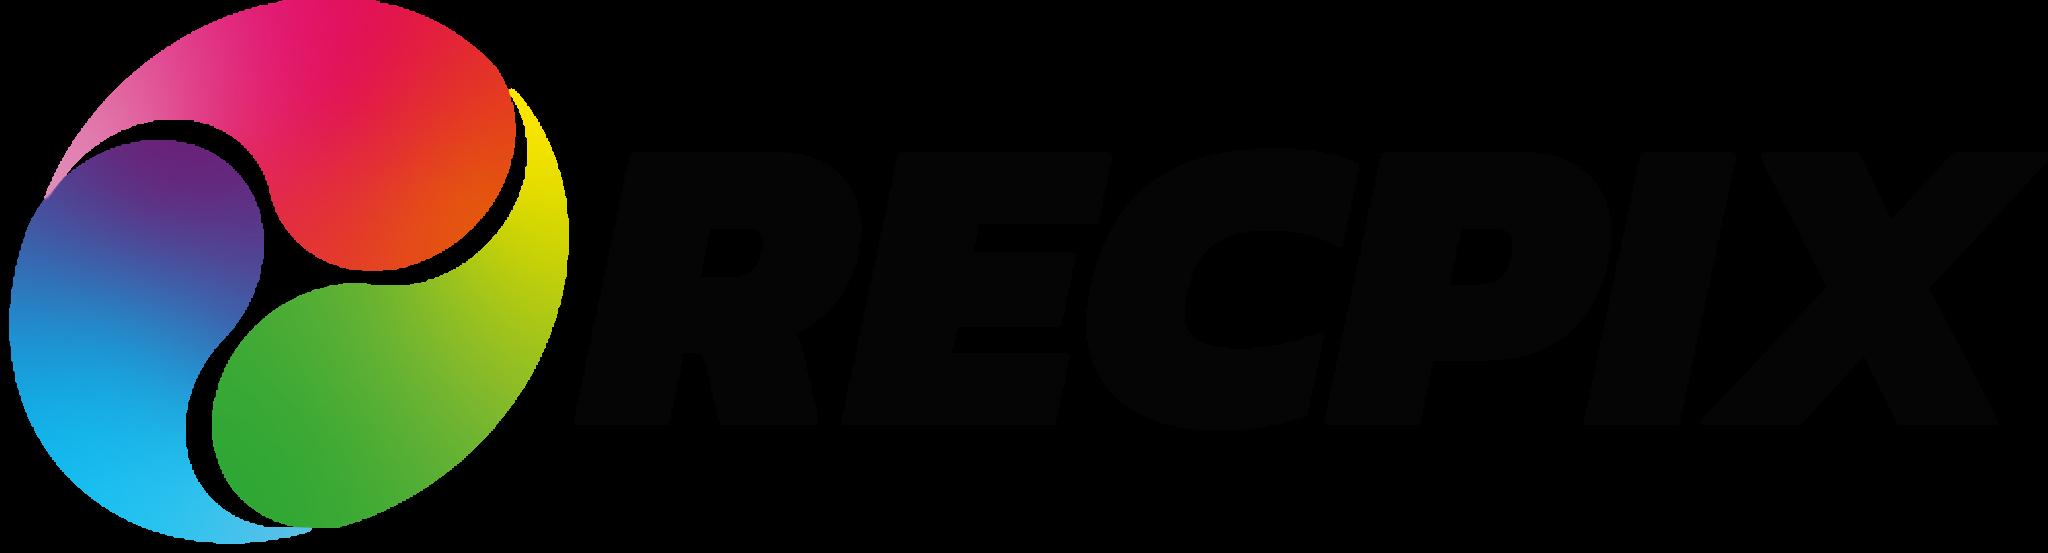 Recpix